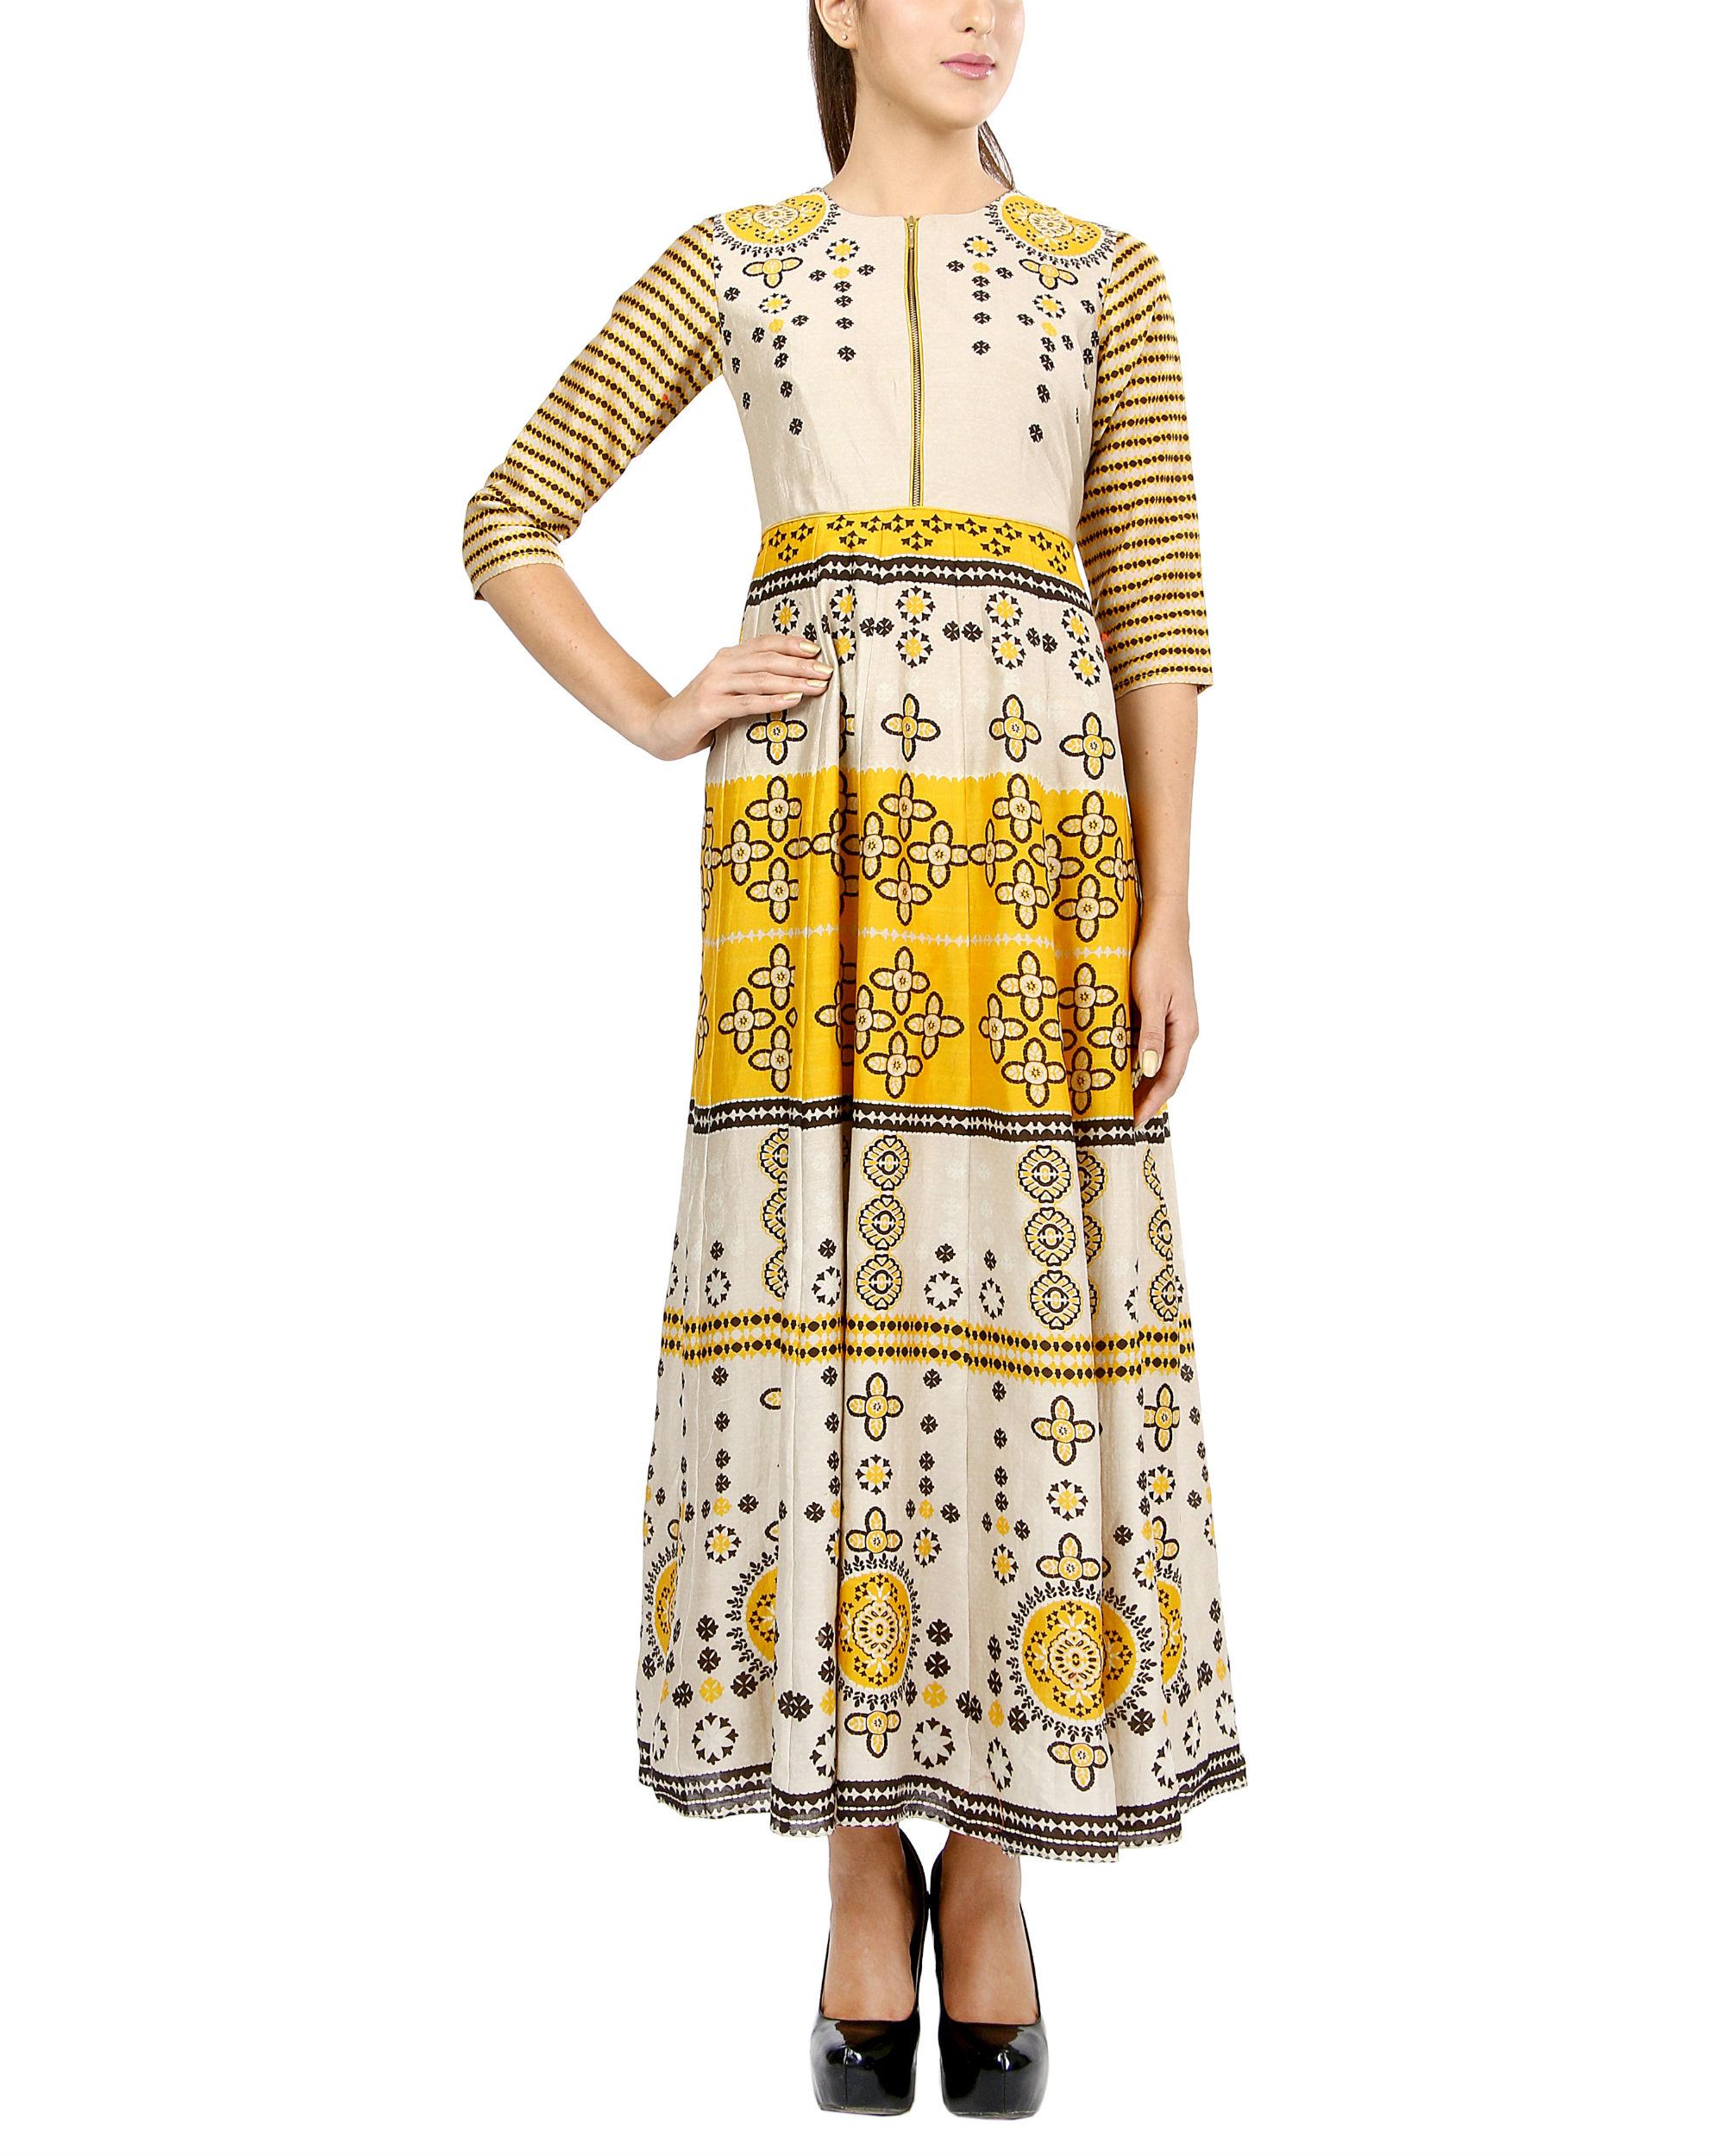 Mustard zipped dress